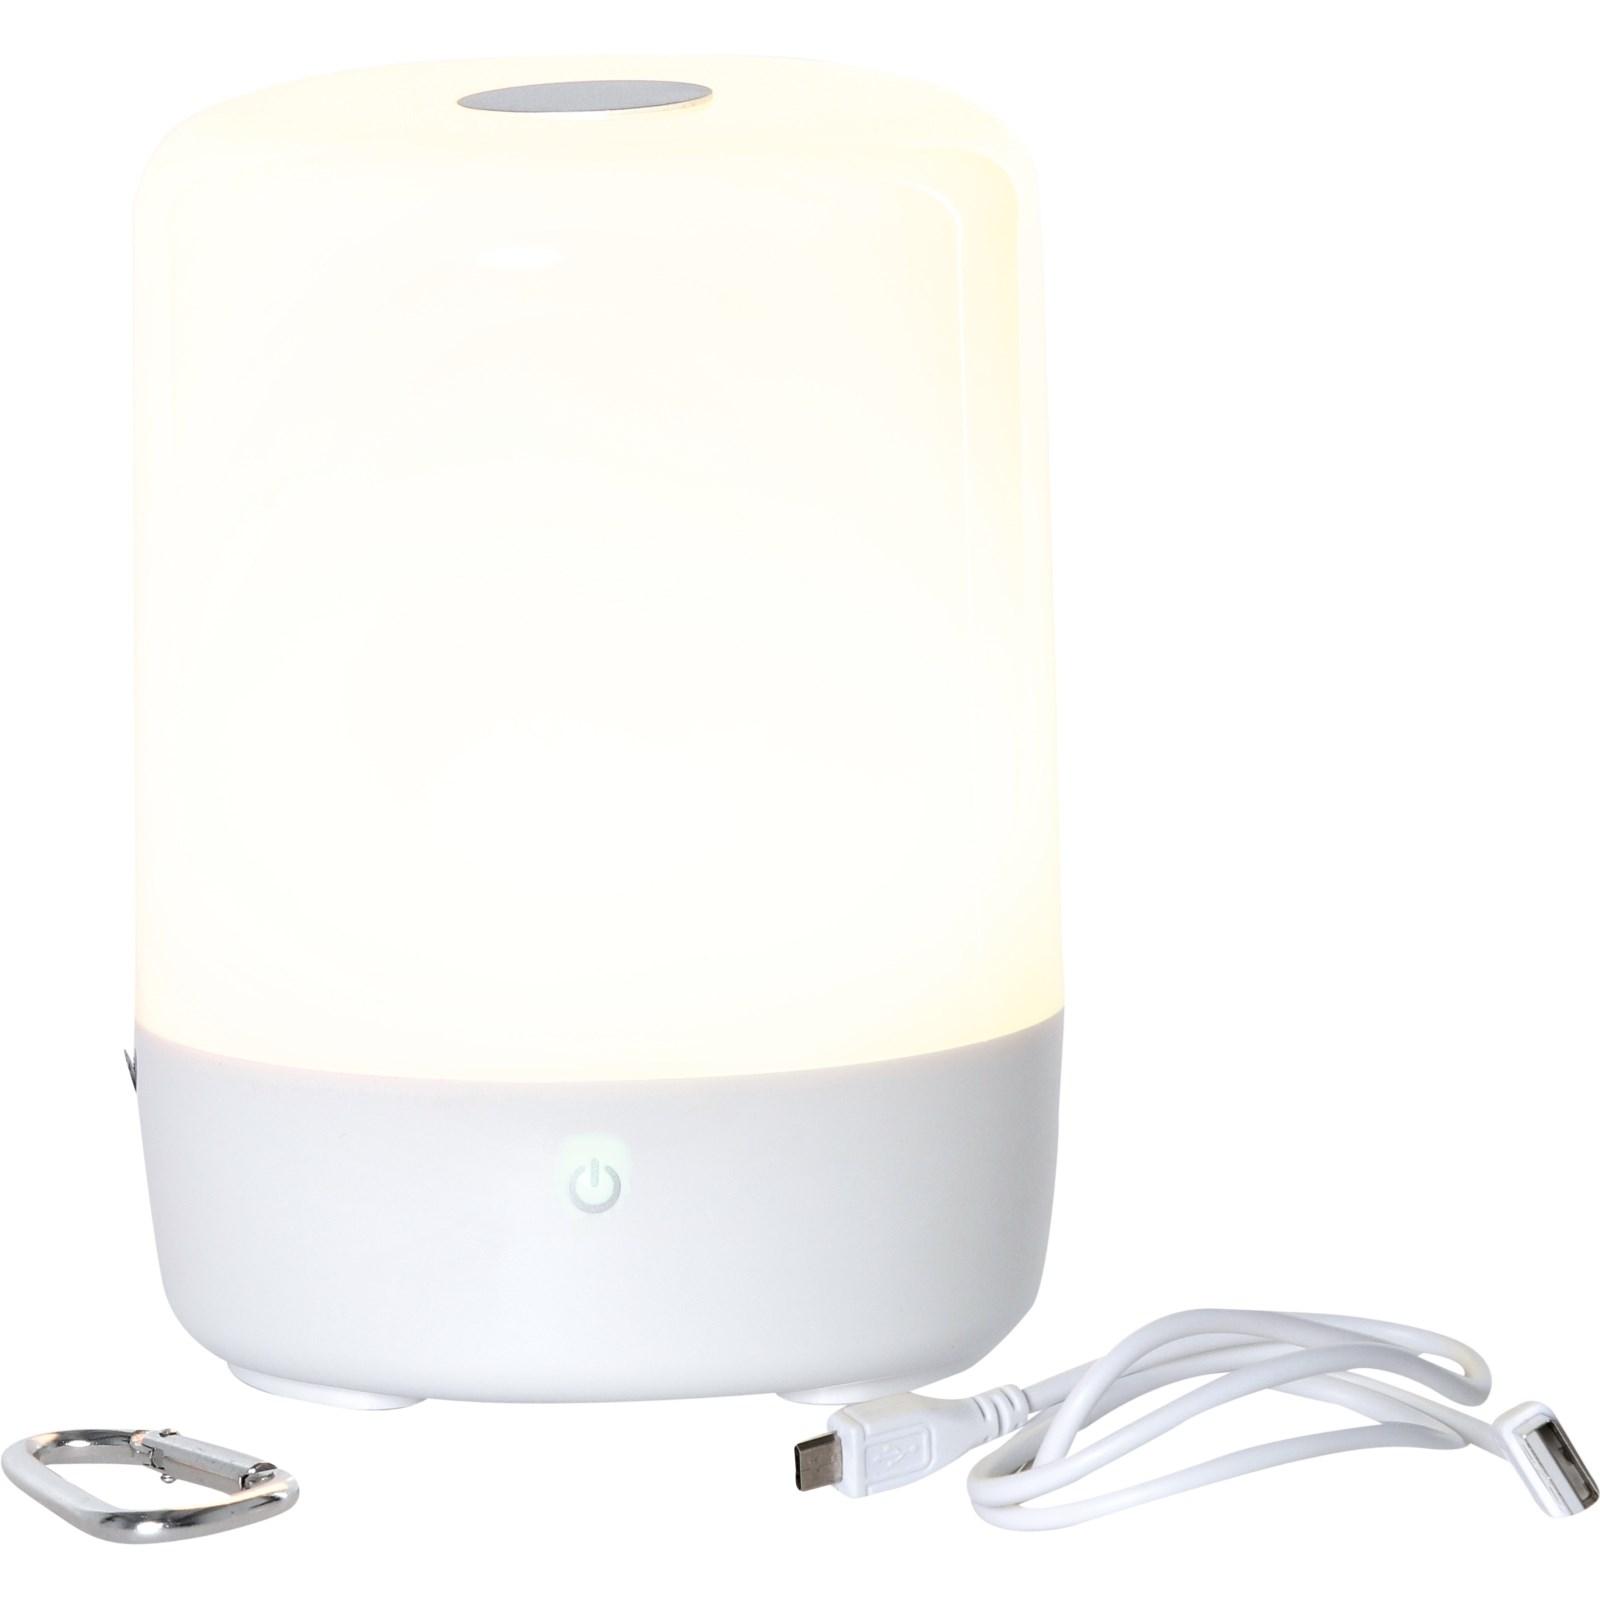 LED Lampe mit Powerbank - Hifi / Audio - LANDI